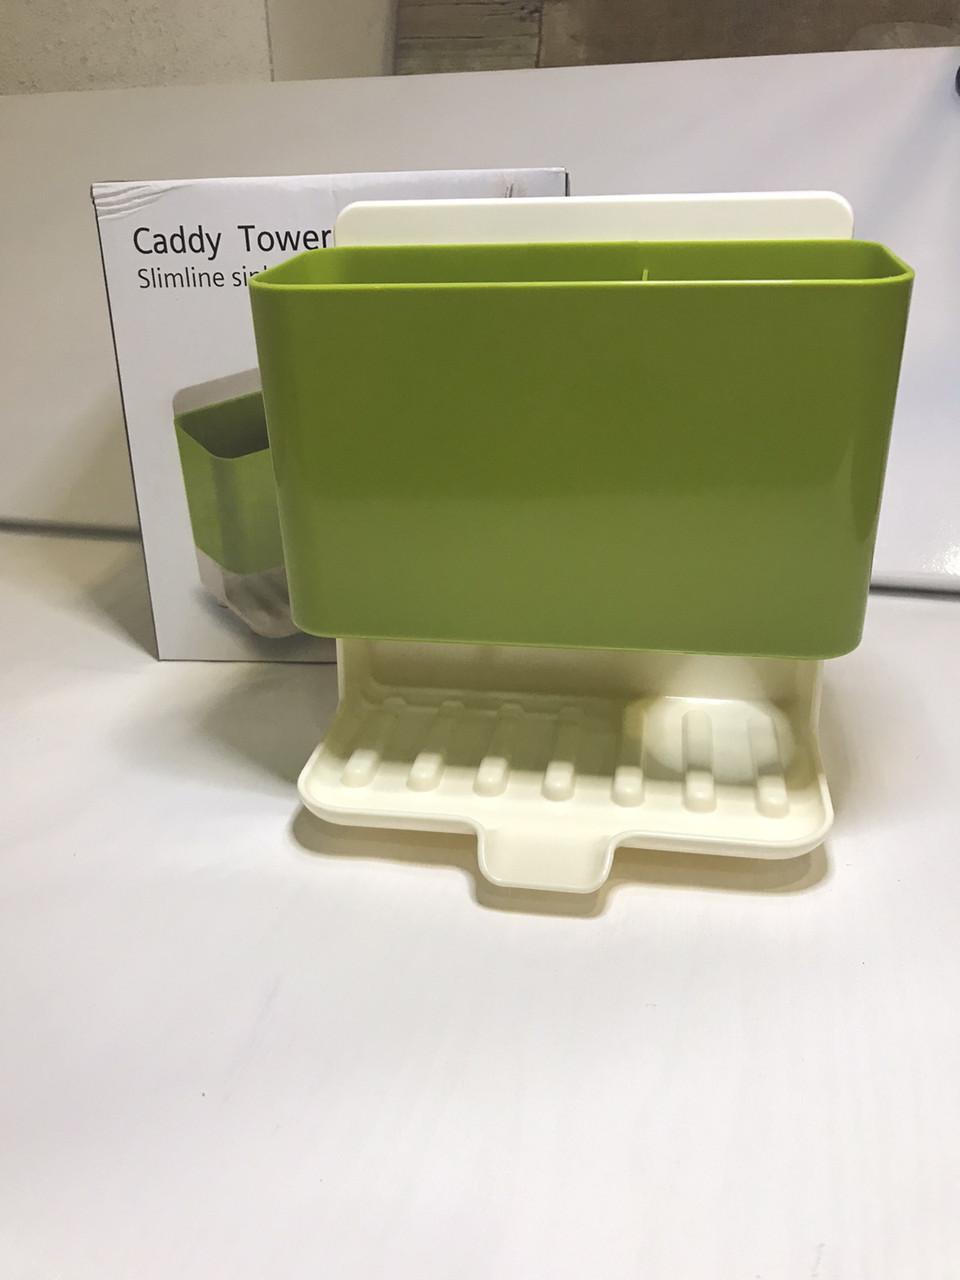 Органайзер на раковину  хранения губок, ершиков и моющего средства Caddy Tower 7021